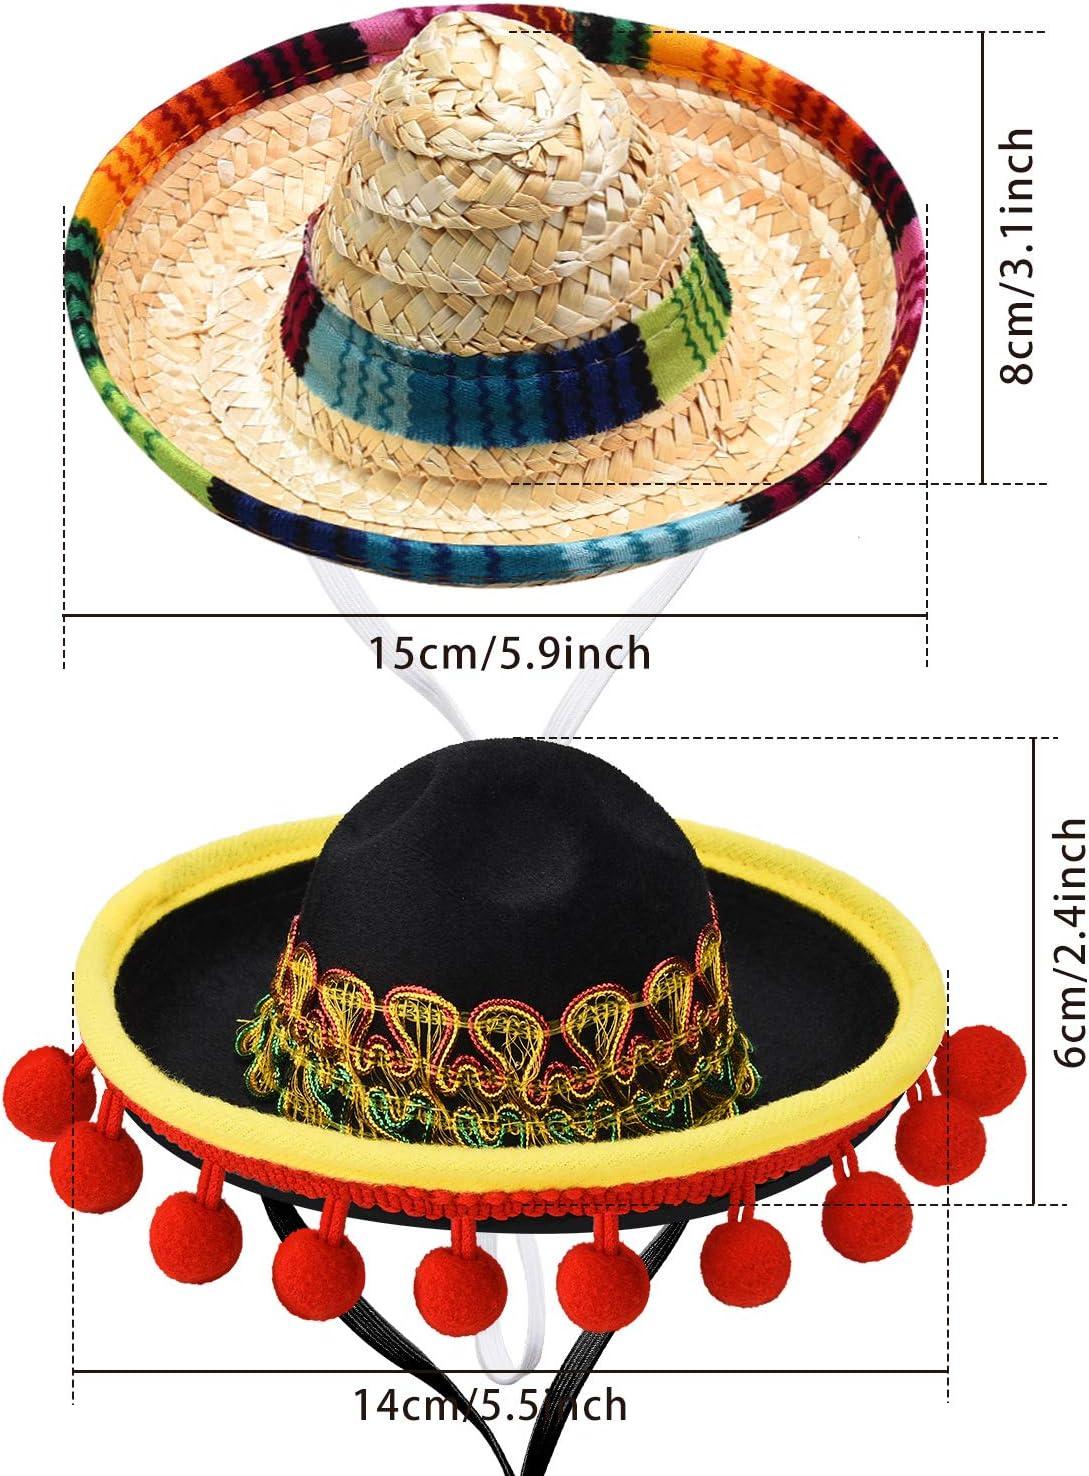 SATINIOR 6 Pezzi Mini Cappello Messicano Carino Cappello di Paglia Messicano Divertente Cappello Messicano Piccolo per Fiesta Bomboniere di Feste a Tema Messicano con Decorazioni Estive di Carnevale